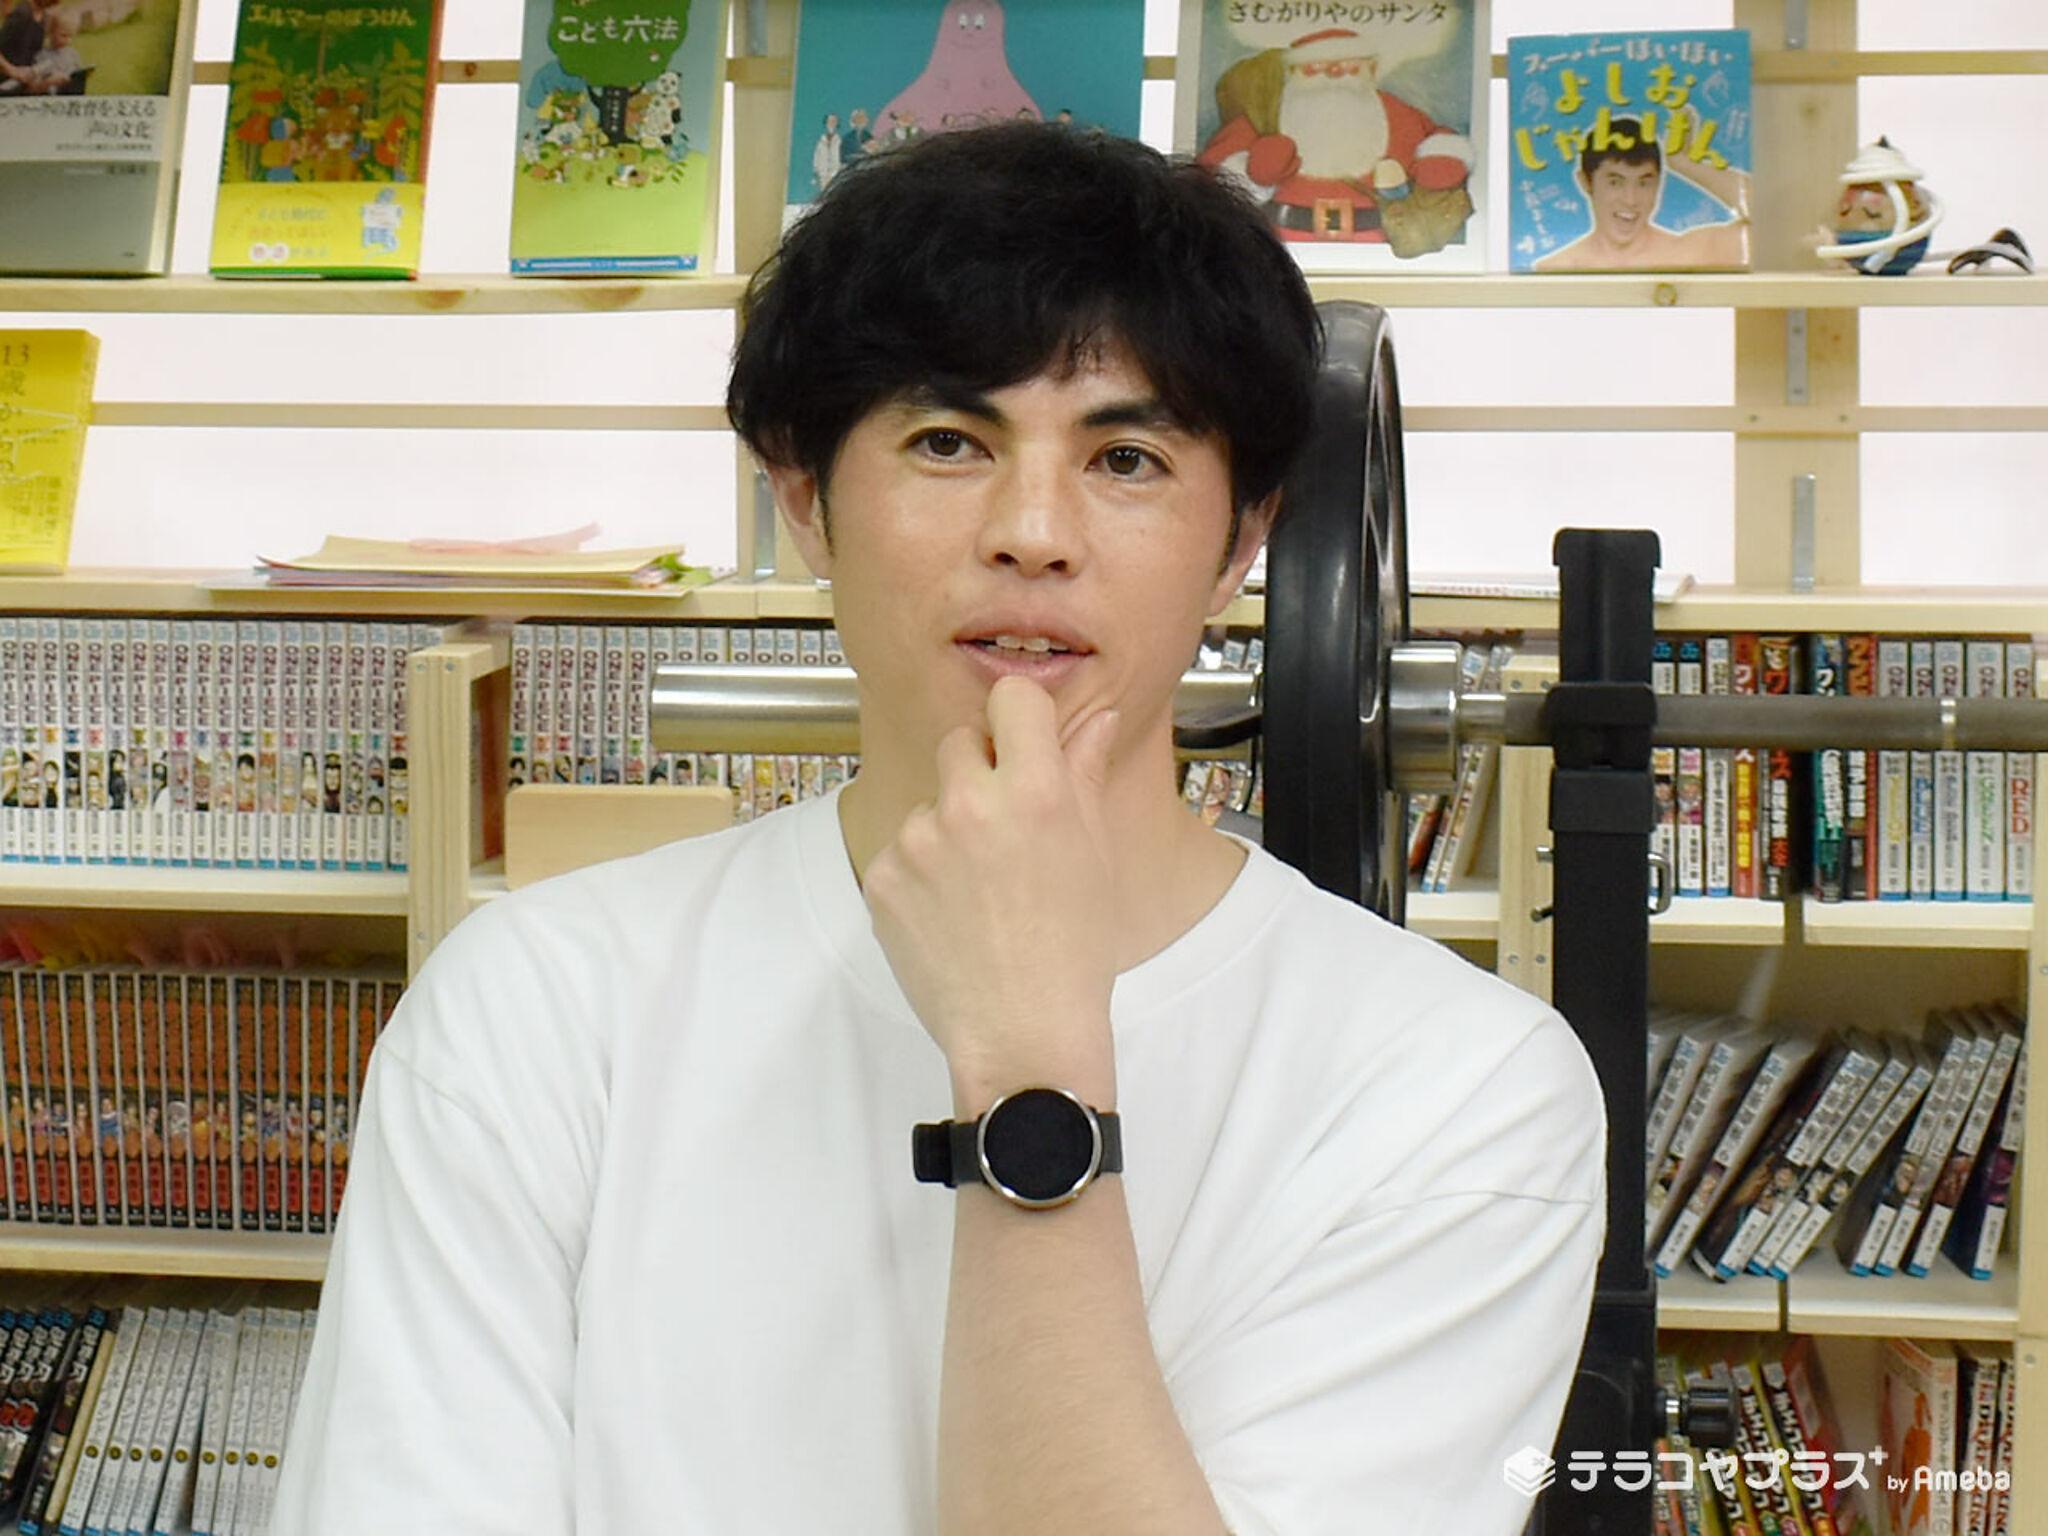 小島よしおさんのインタビュー画像